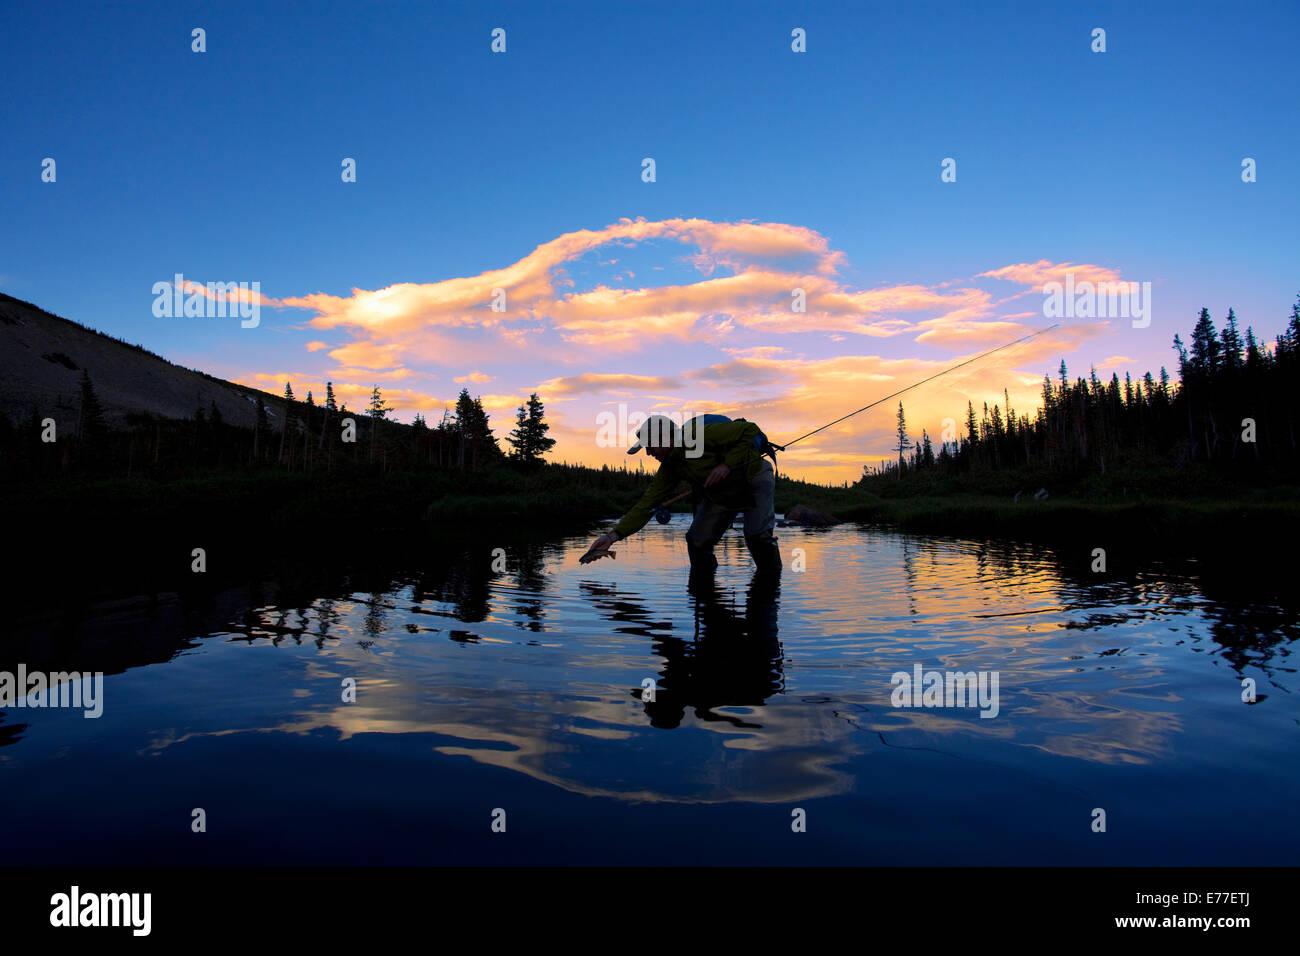 Pesca a Mosca per la trota di fiume in prima serata vicino a Boulder, Colorado, Stati Uniti d'America. Foto Stock